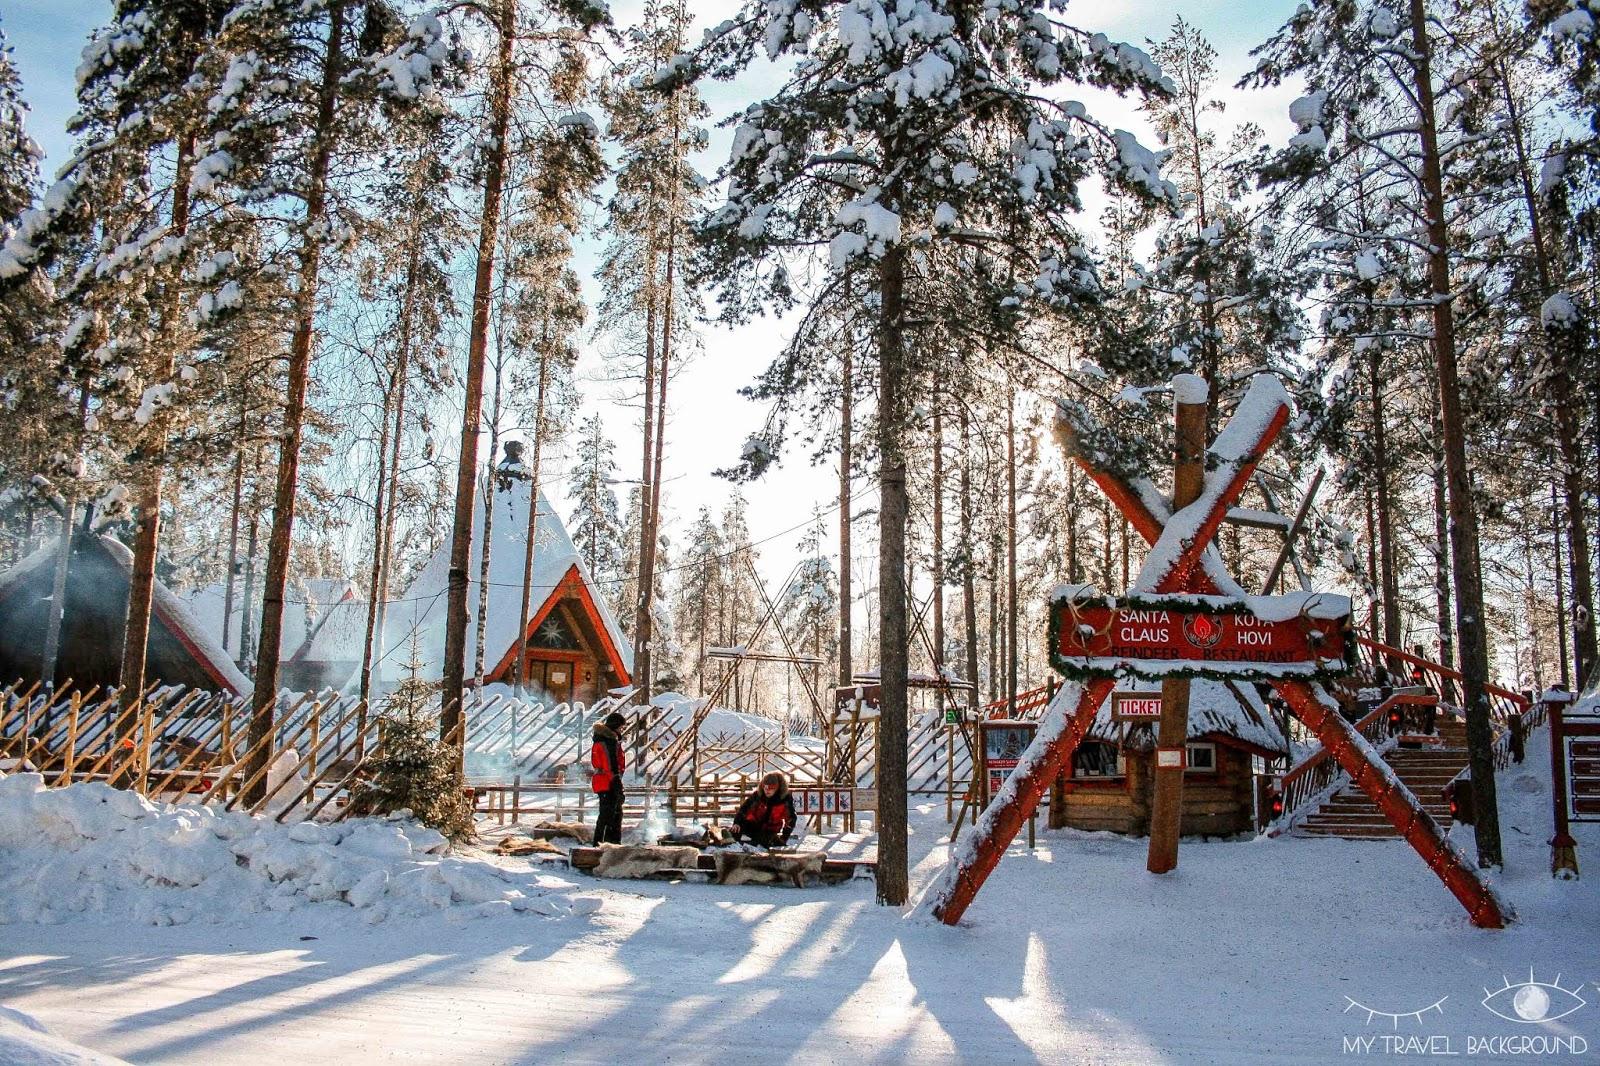 My Travel Background : le jour où j'ai rencontré le Père Noël en Laponie - Les rennes du Père Noël